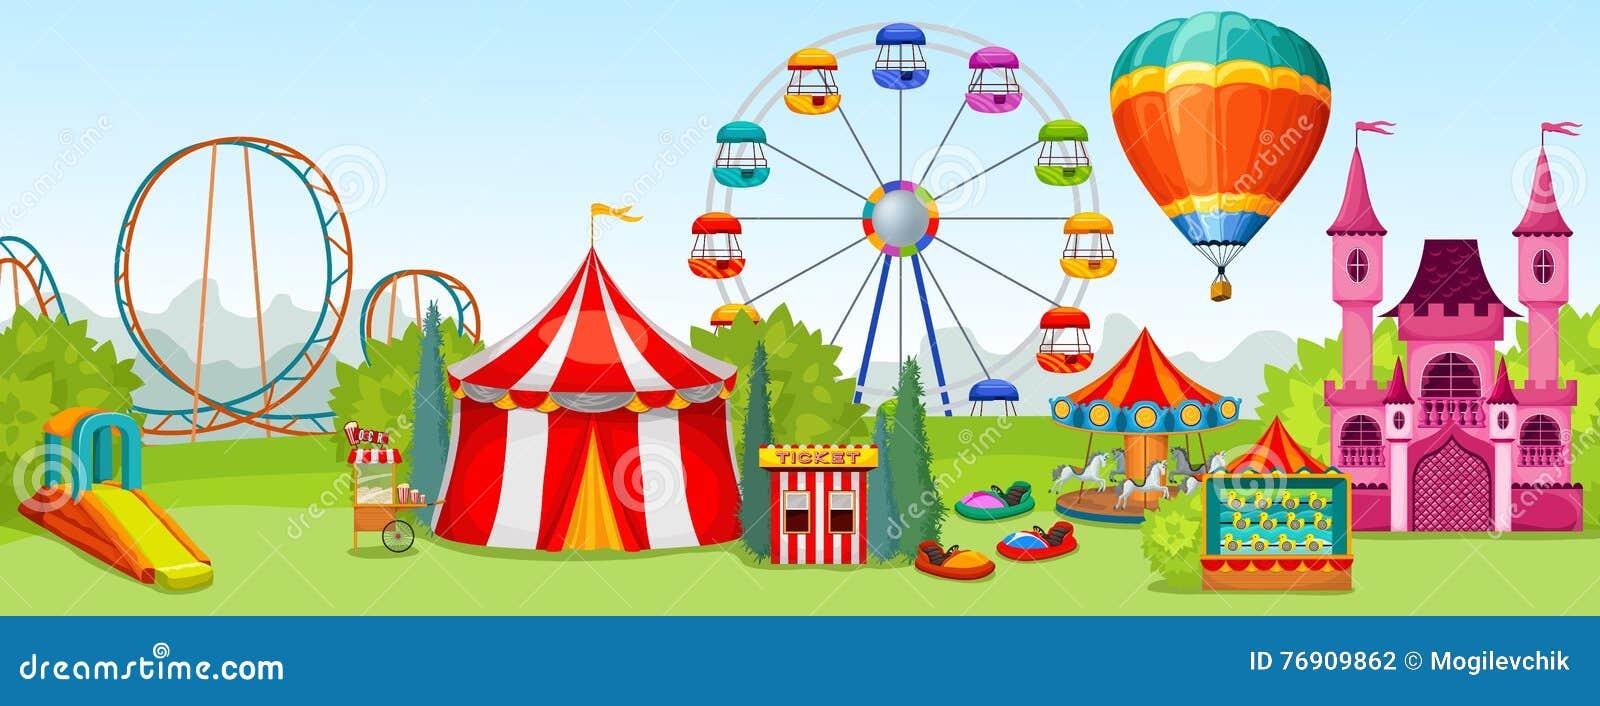 Amusement Park Concept